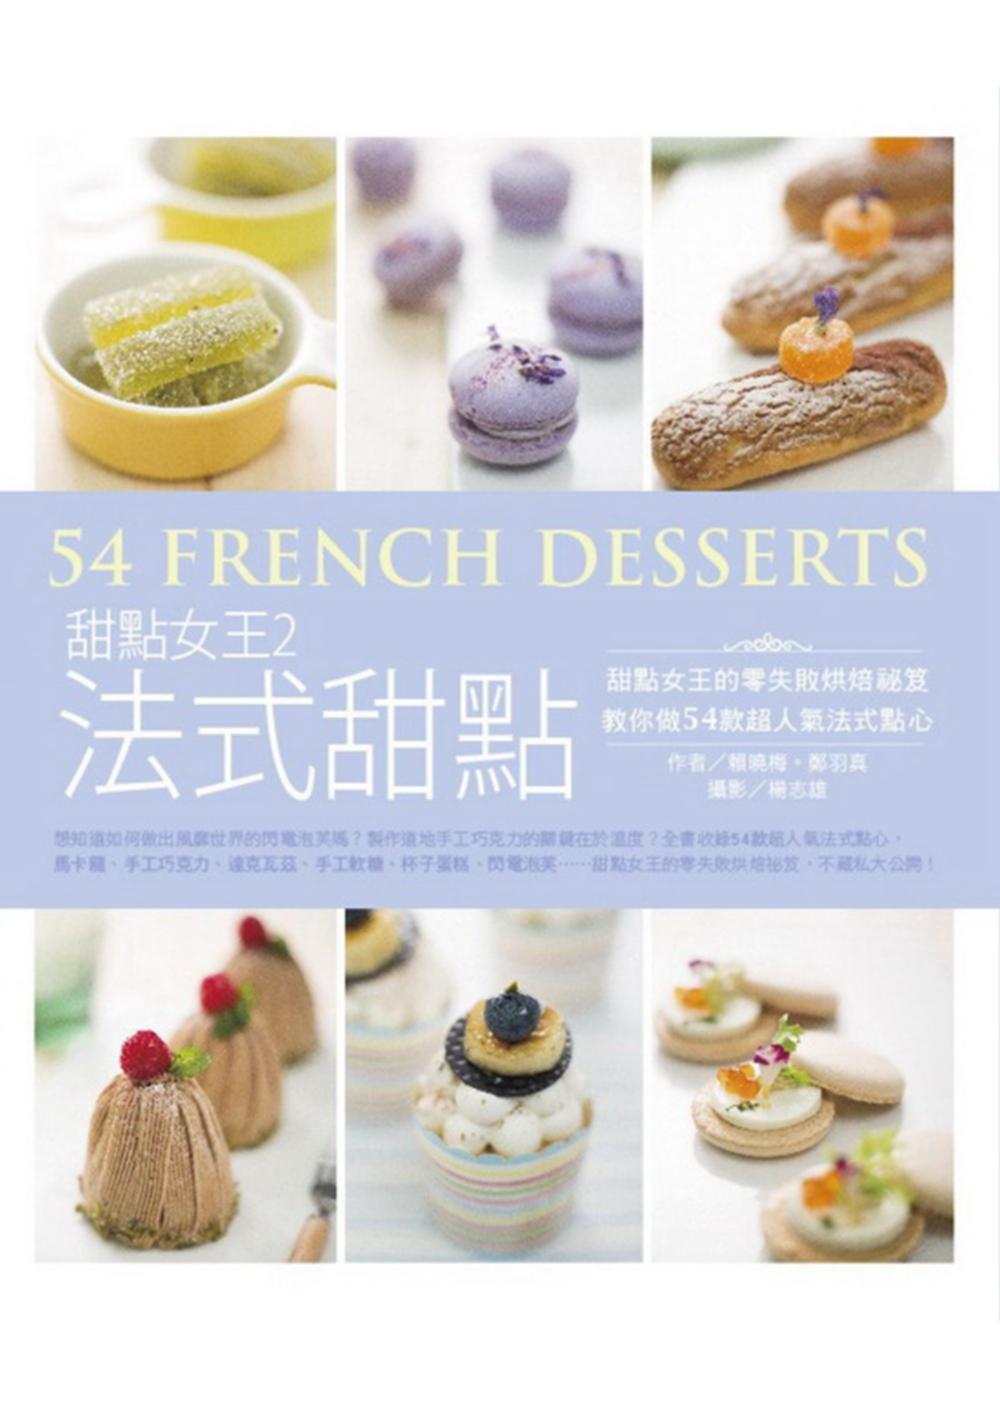 甜點女王2法式甜點:甜點女王的零失敗烘焙祕笈,教你做54款超人氣法式點心